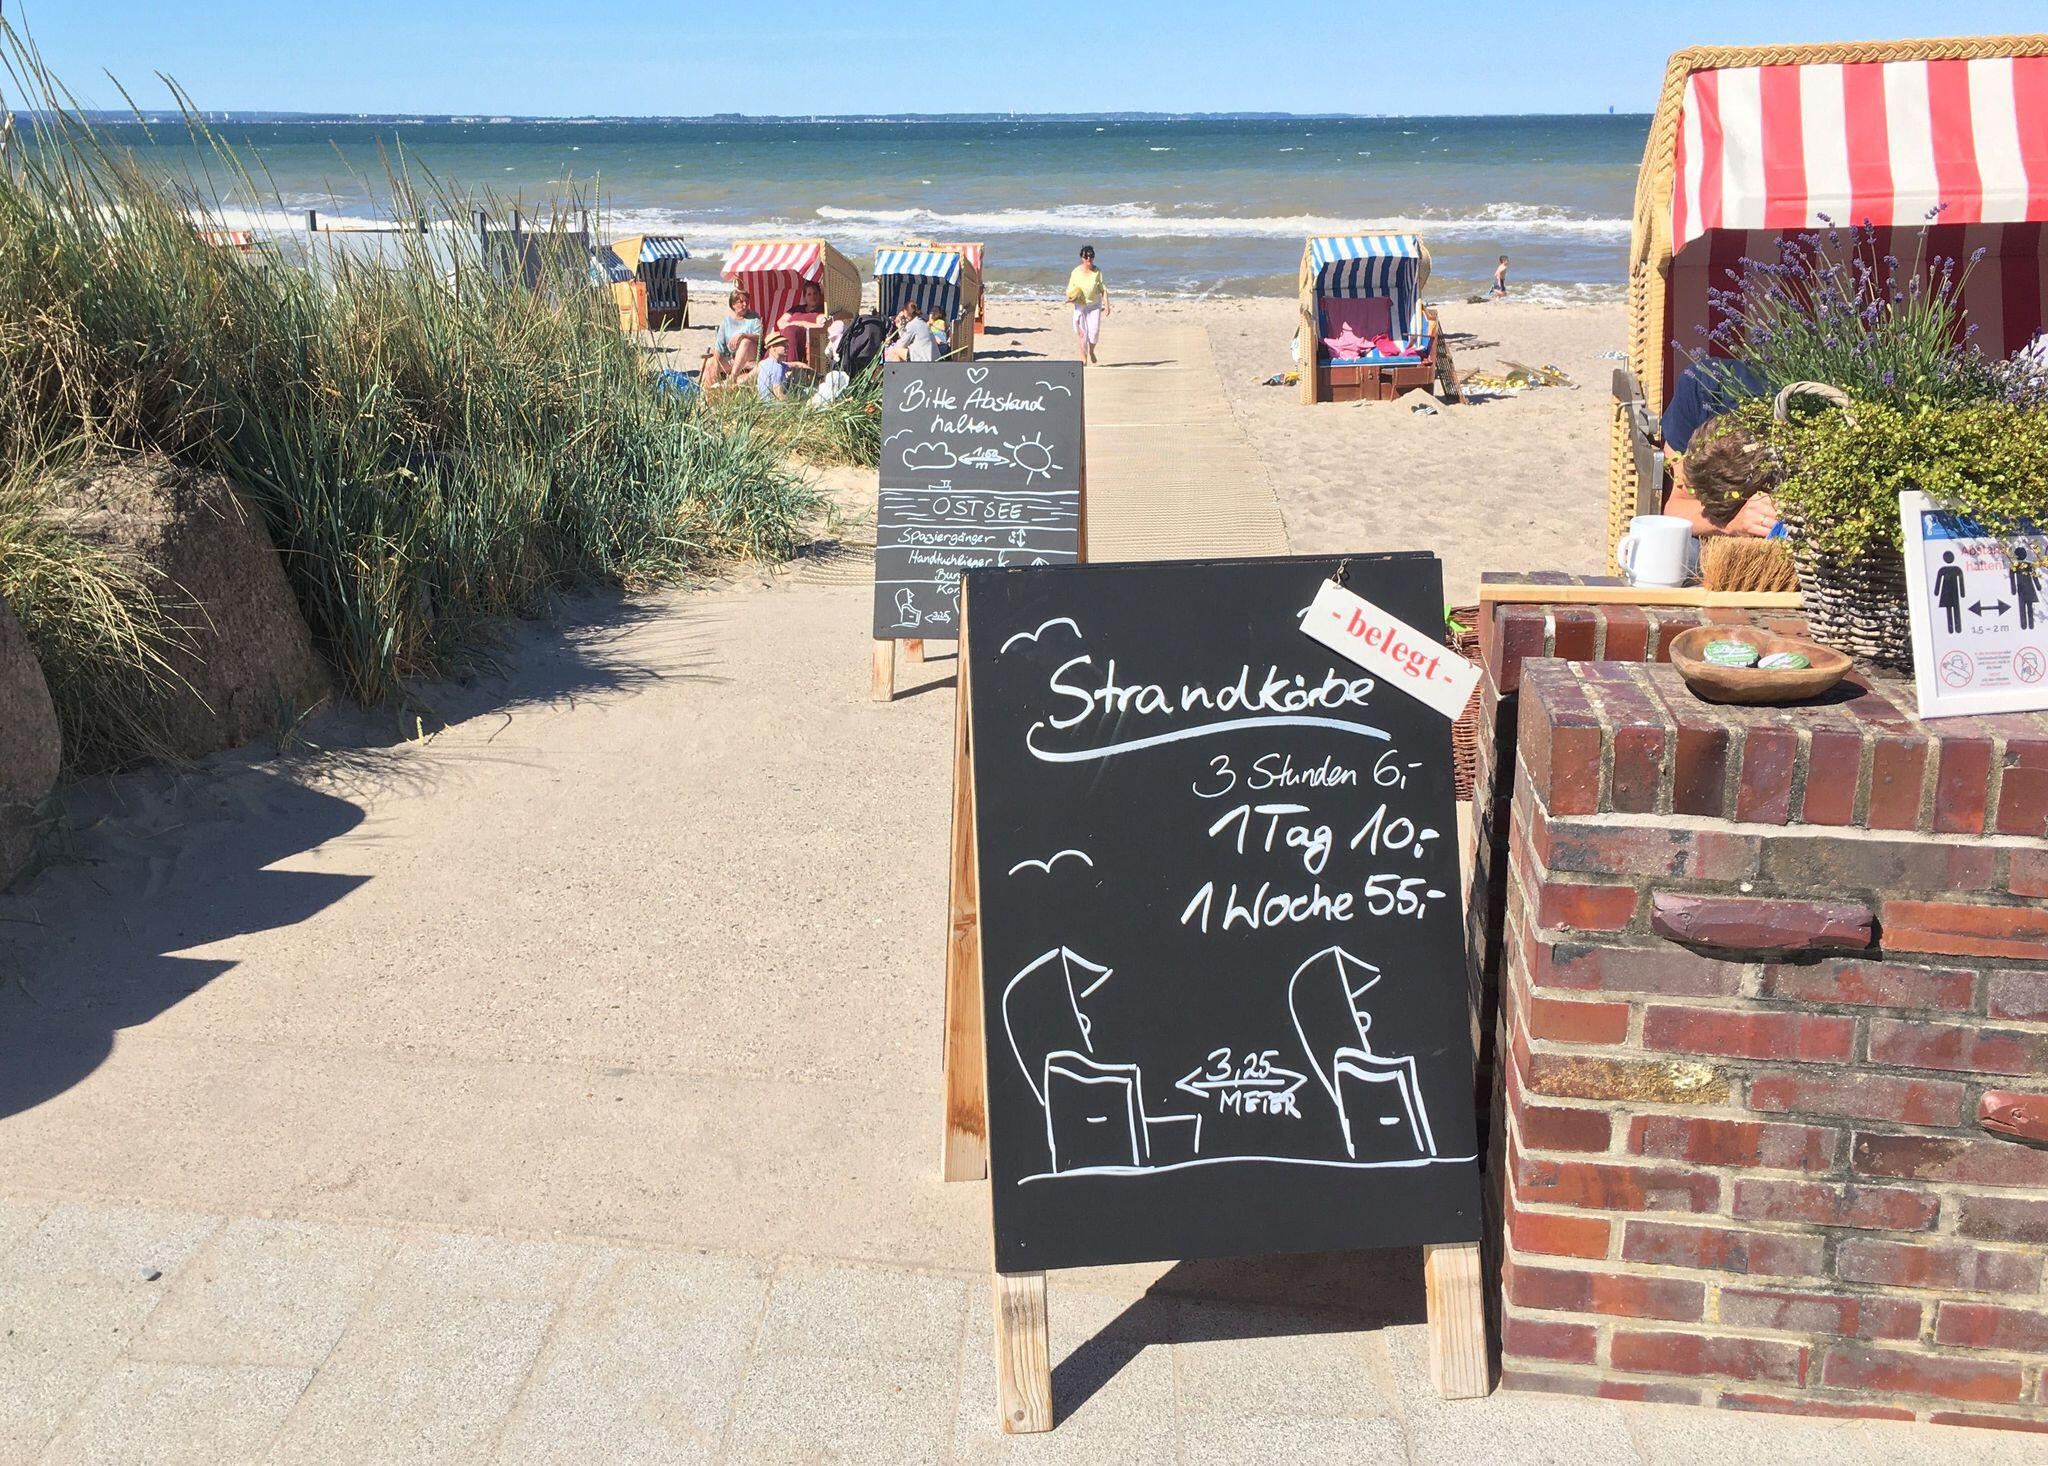 Bild zu Kaum mehr freie Strandkörbe an der Ostsee